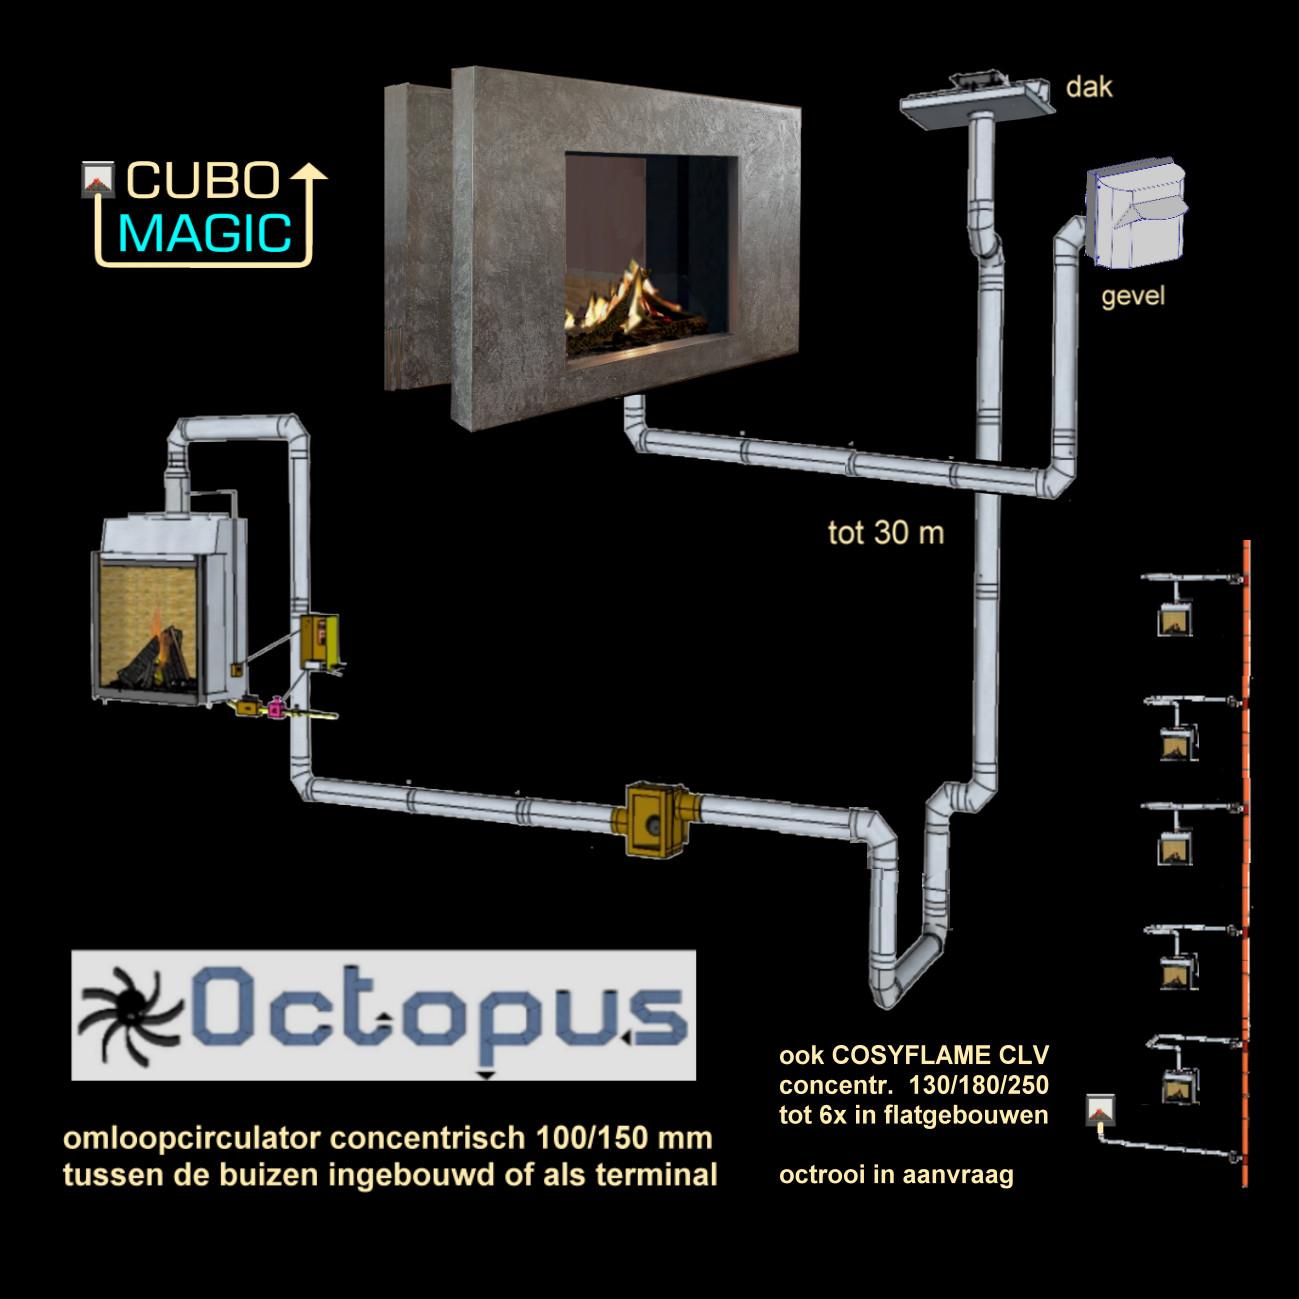 Octopus-2017-01-27-FOTO-pag-3-onder-R.jpg